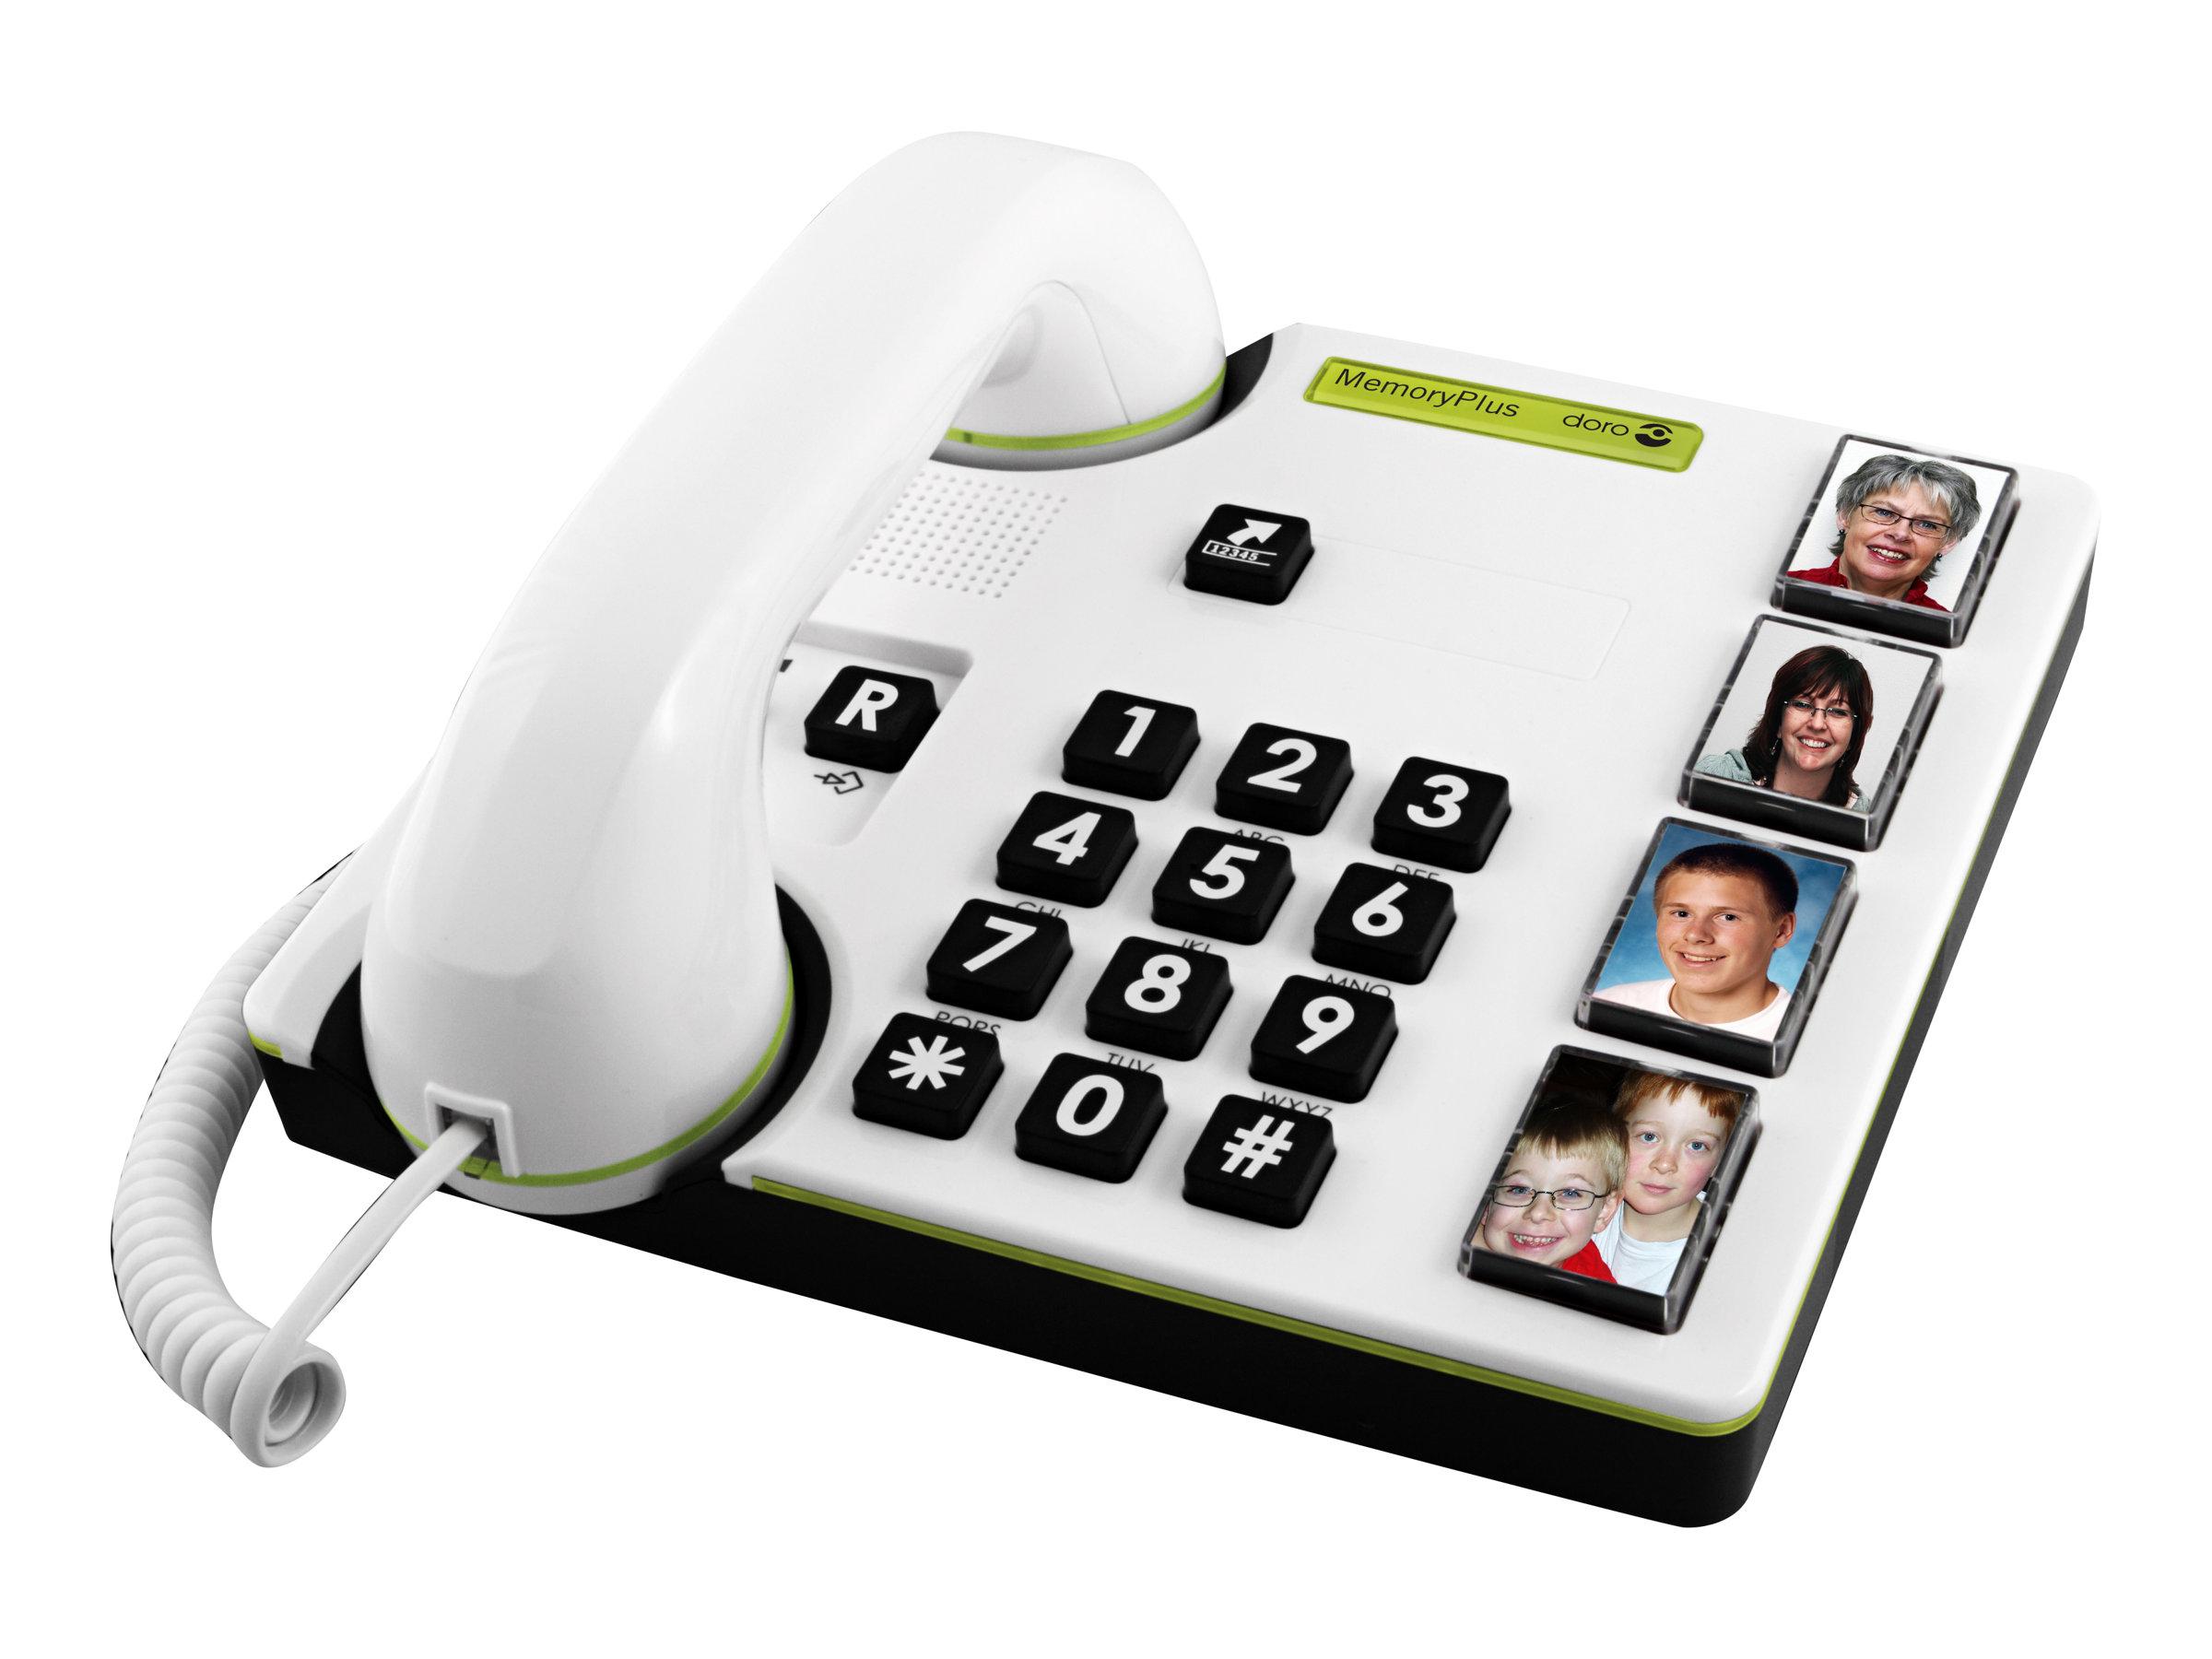 DORO MemoryPlus 319i ph - Telefon mit Schnur - weiss, Dunkelgrau